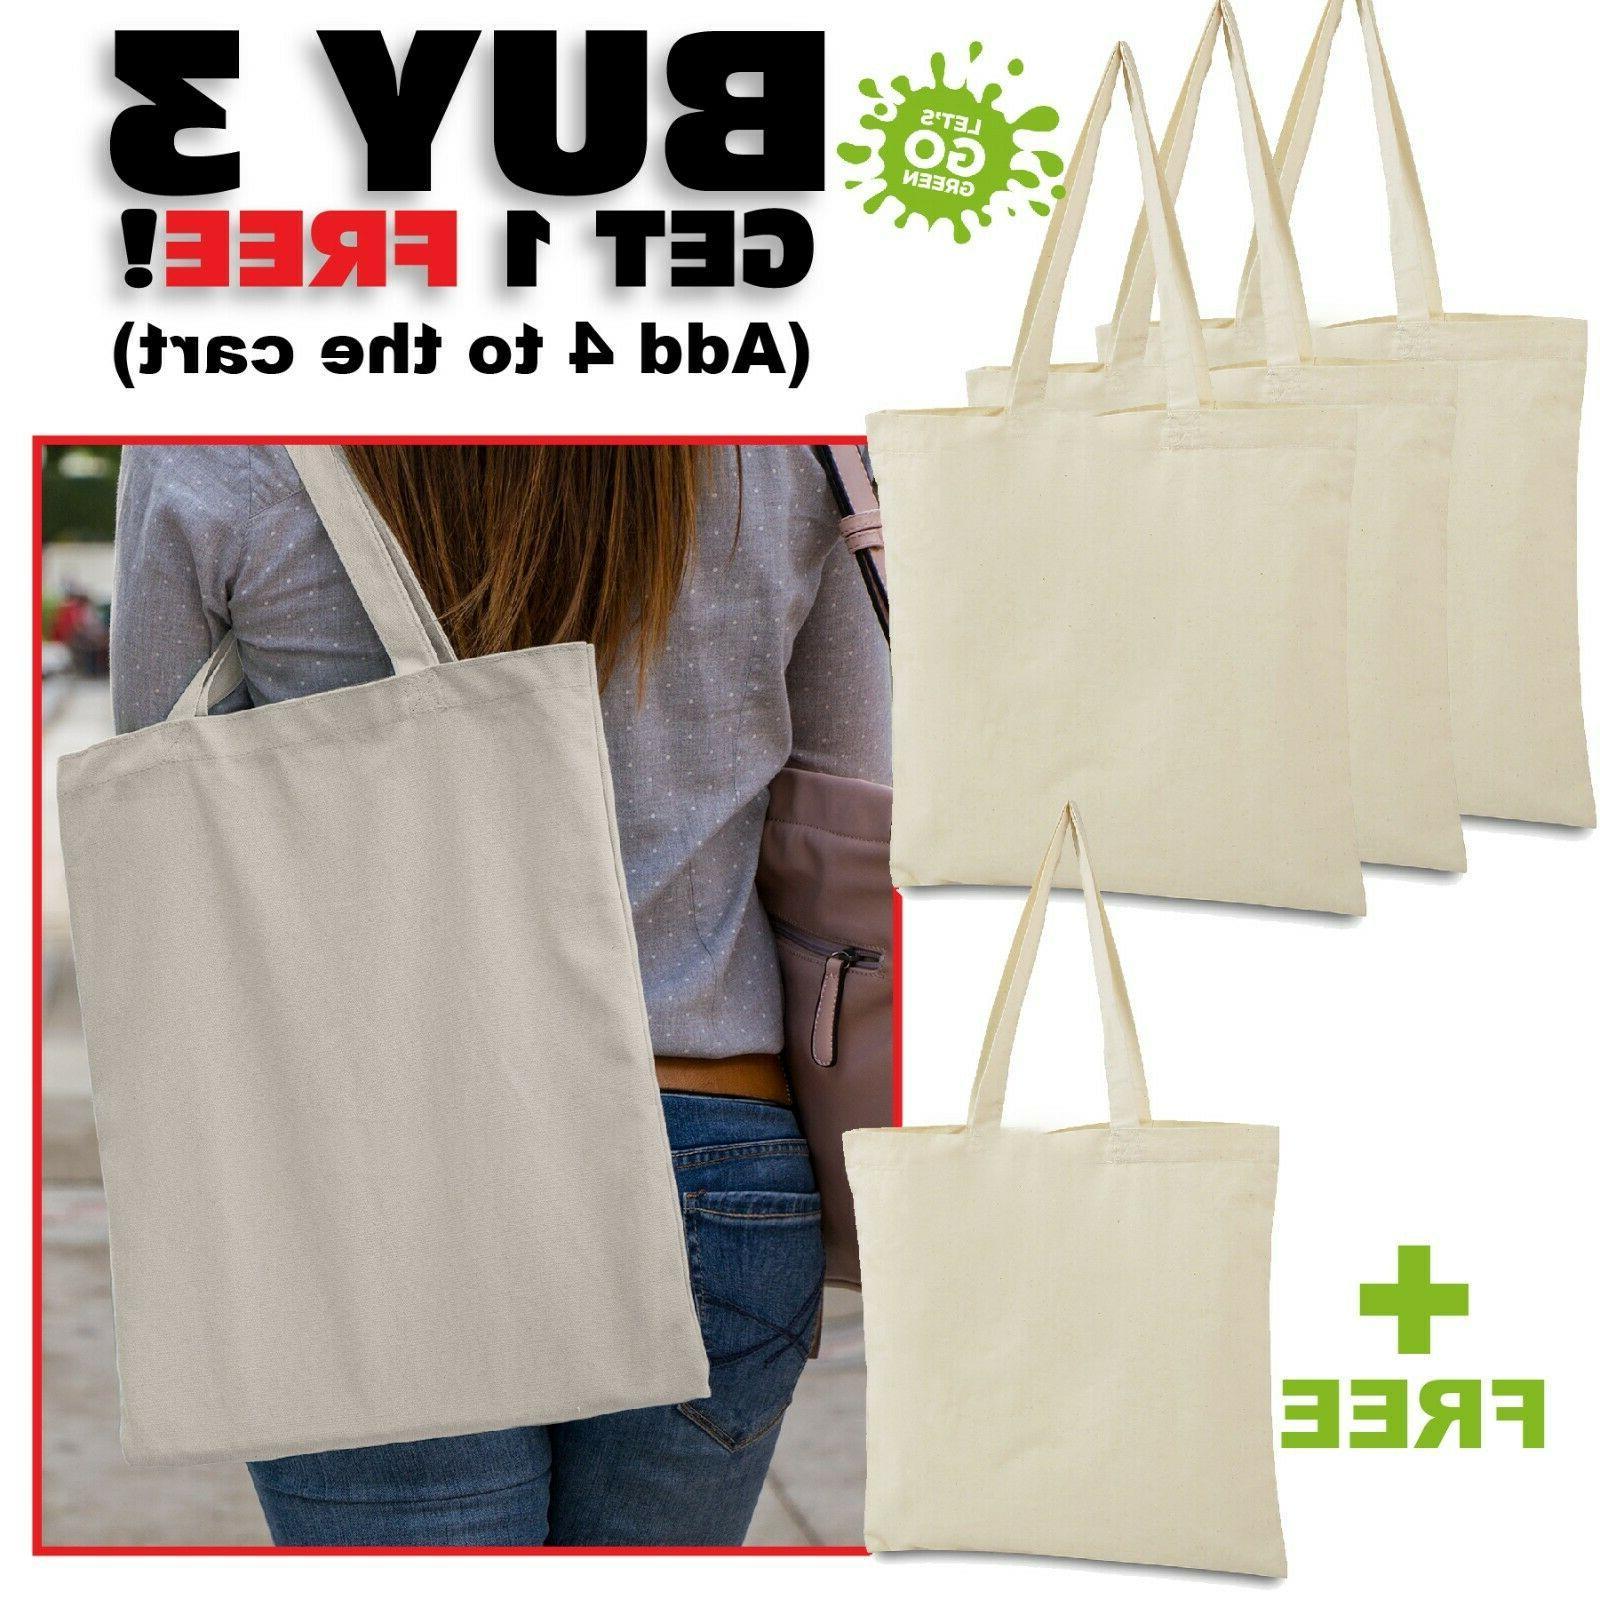 new canvas bag shopping tote bag beach